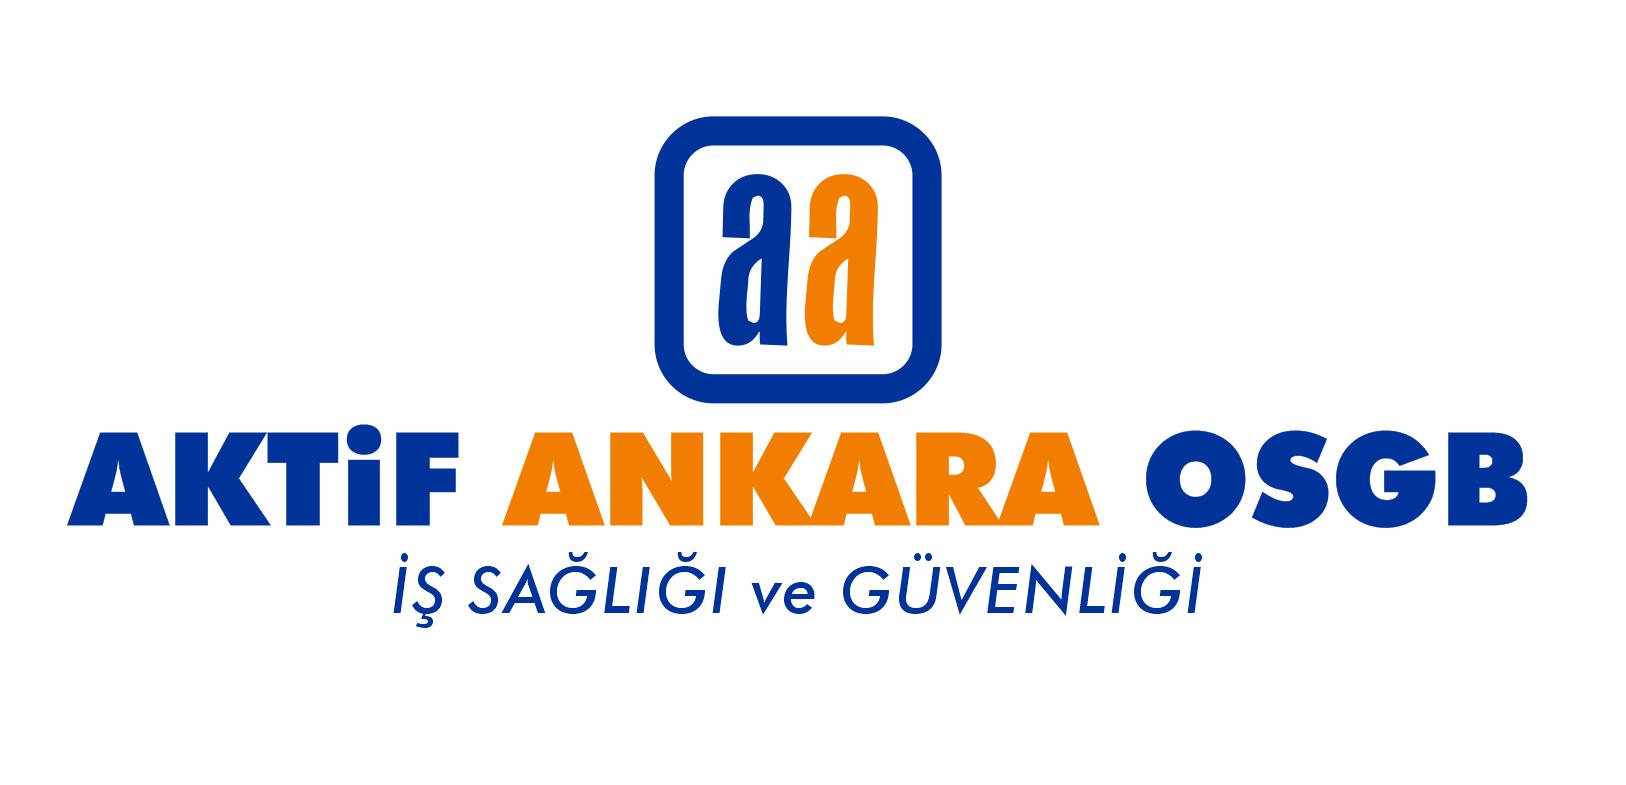 Aktif Ankara İş Sağlığı Ve Güvenliği iş ilanları